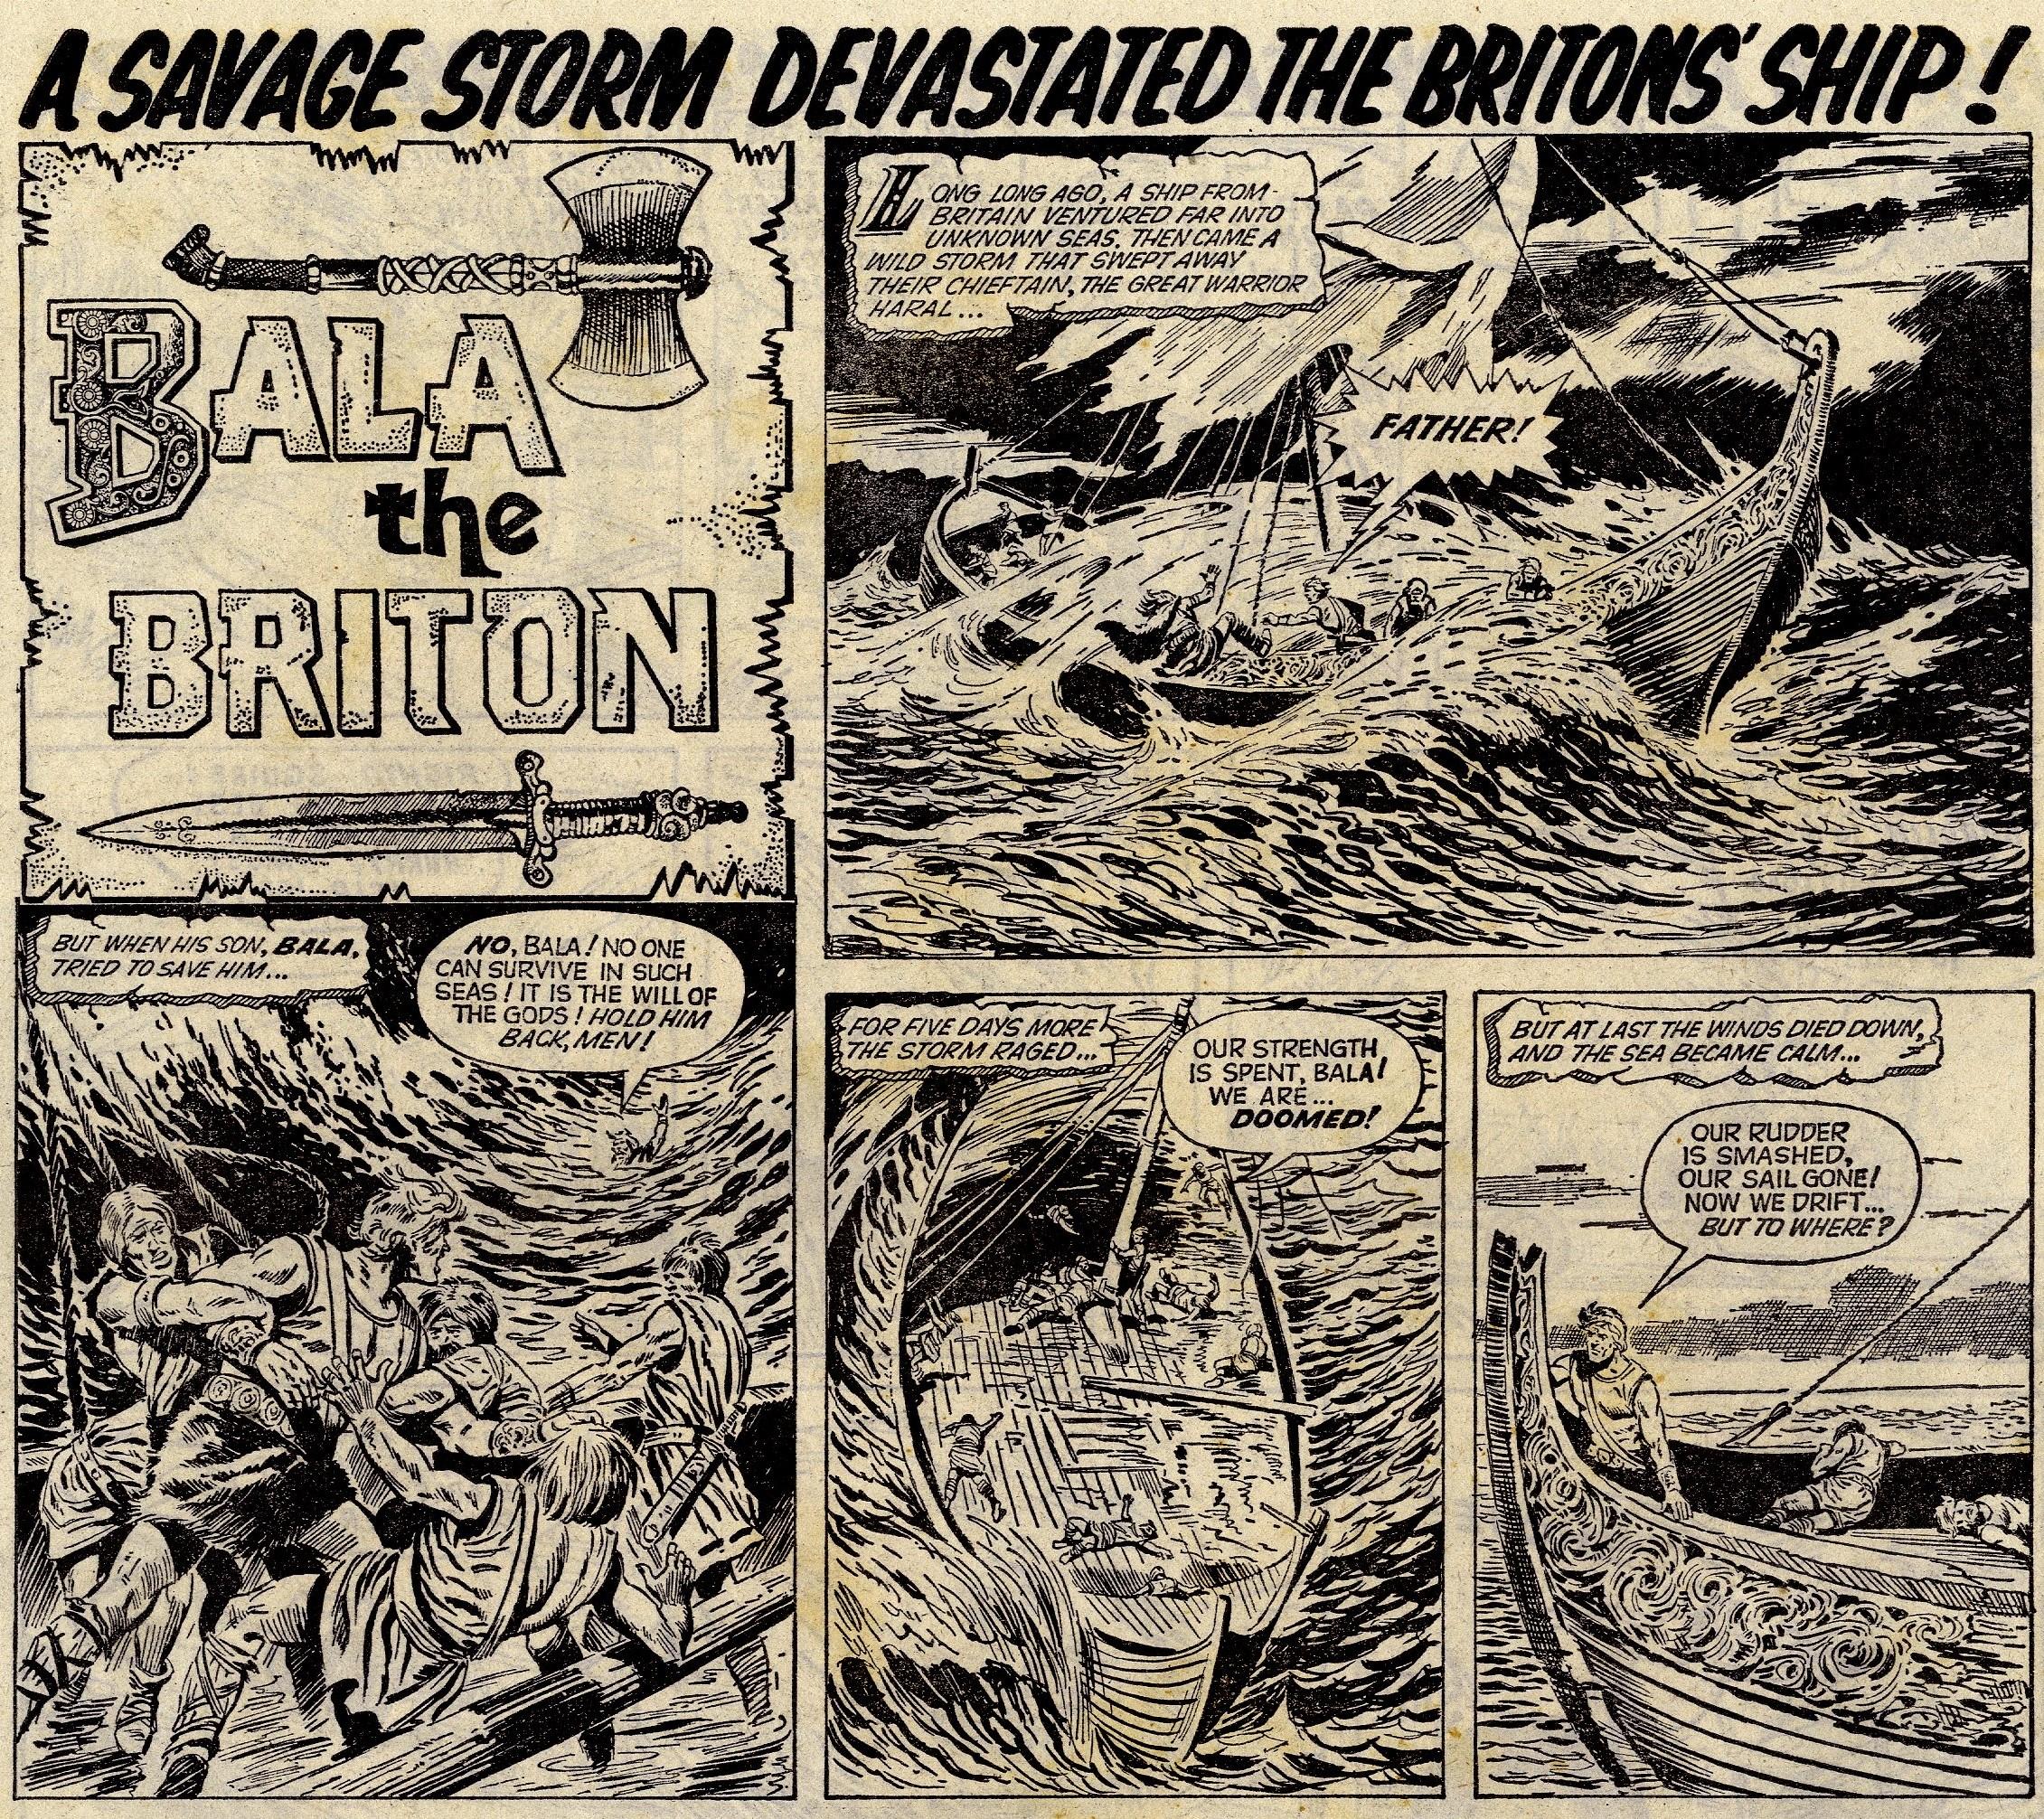 Bala the Briton: artist unknown